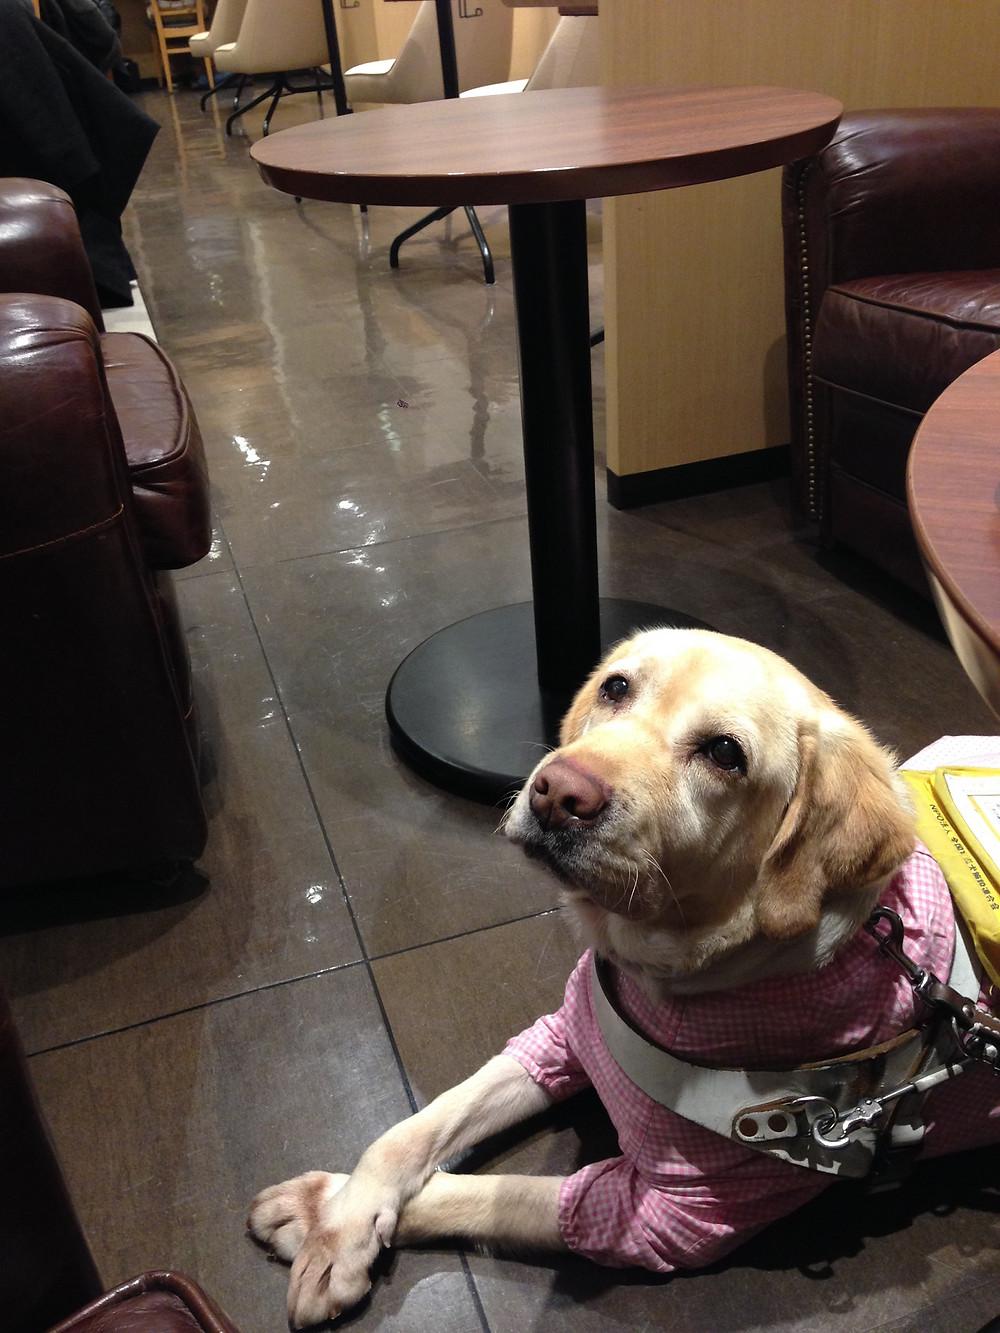 盲導犬スイフト:抜け毛でご迷惑とならないように盲導犬はお洋服を着ています。そしてユーザーさんの管理のもとお利口に待機できます。どうぞ温かく迎えてください。